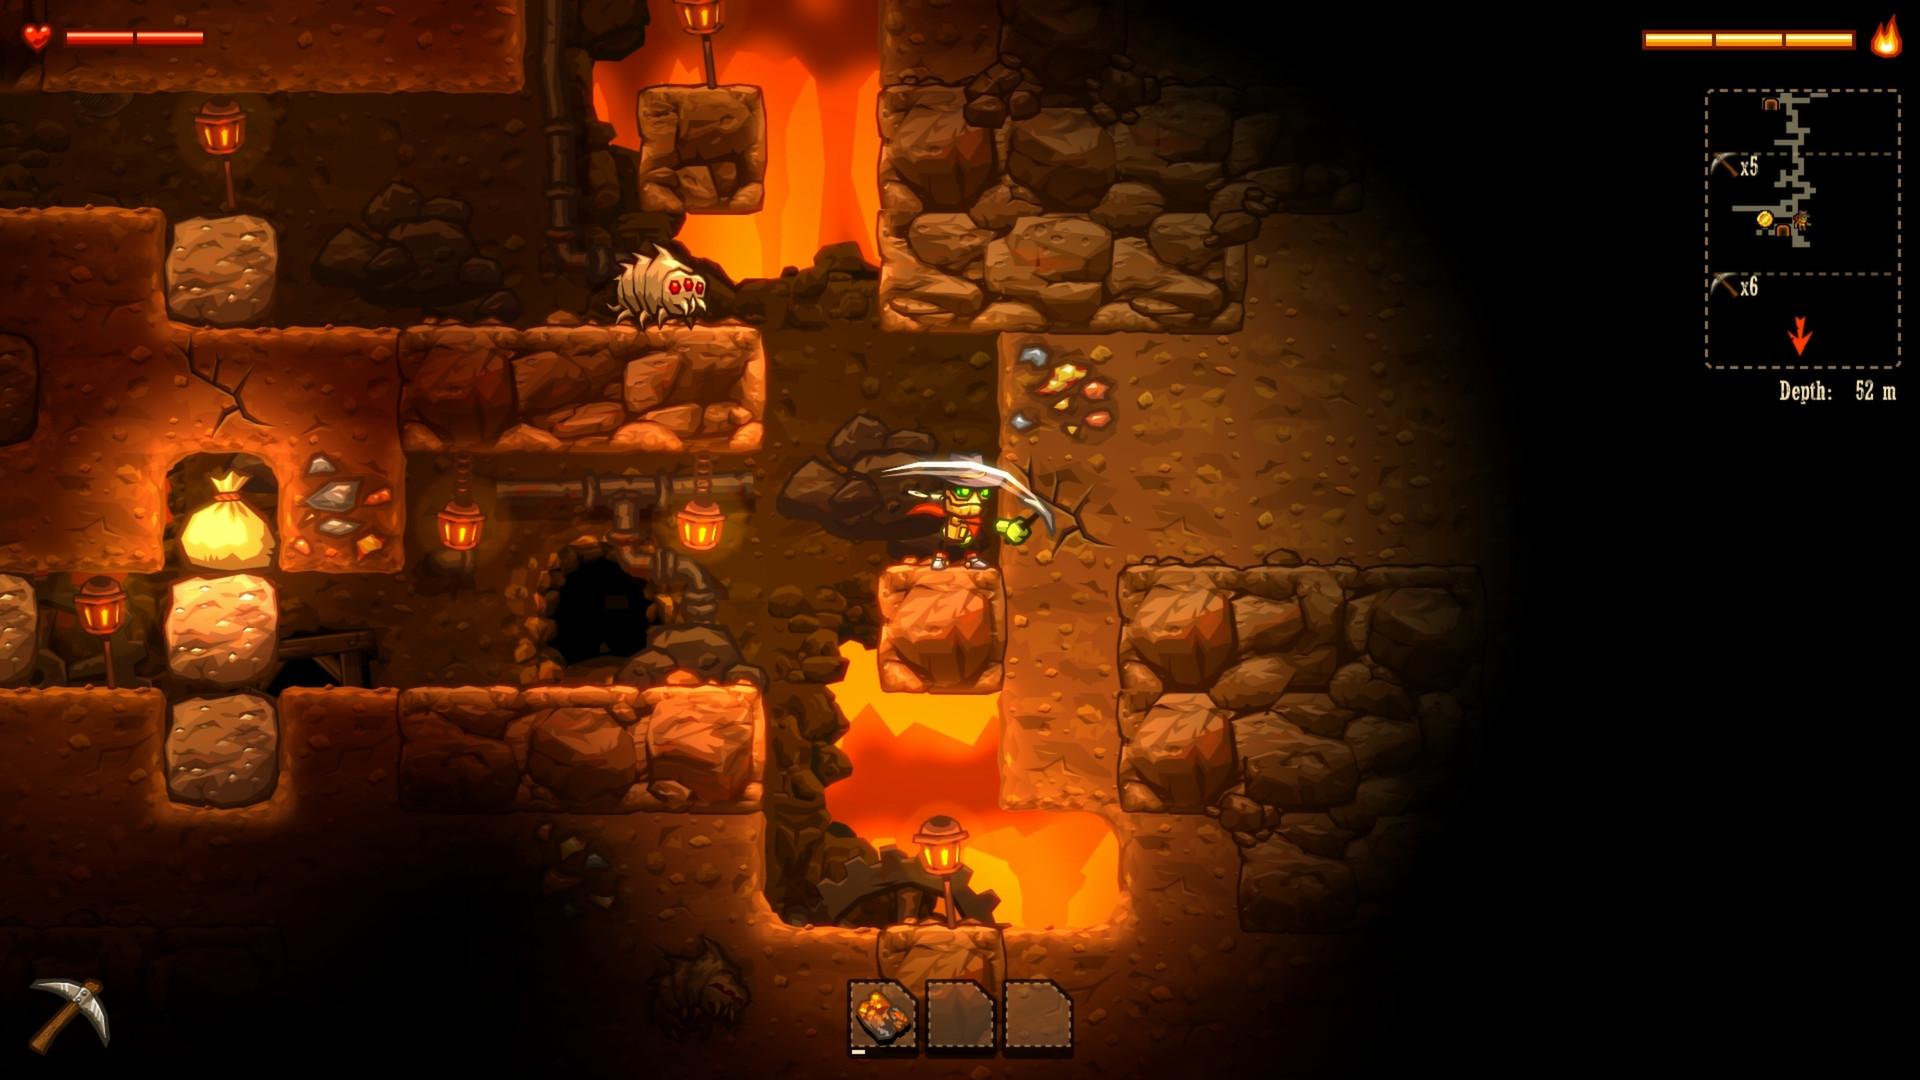 SteamWorld Dig screenshot 1